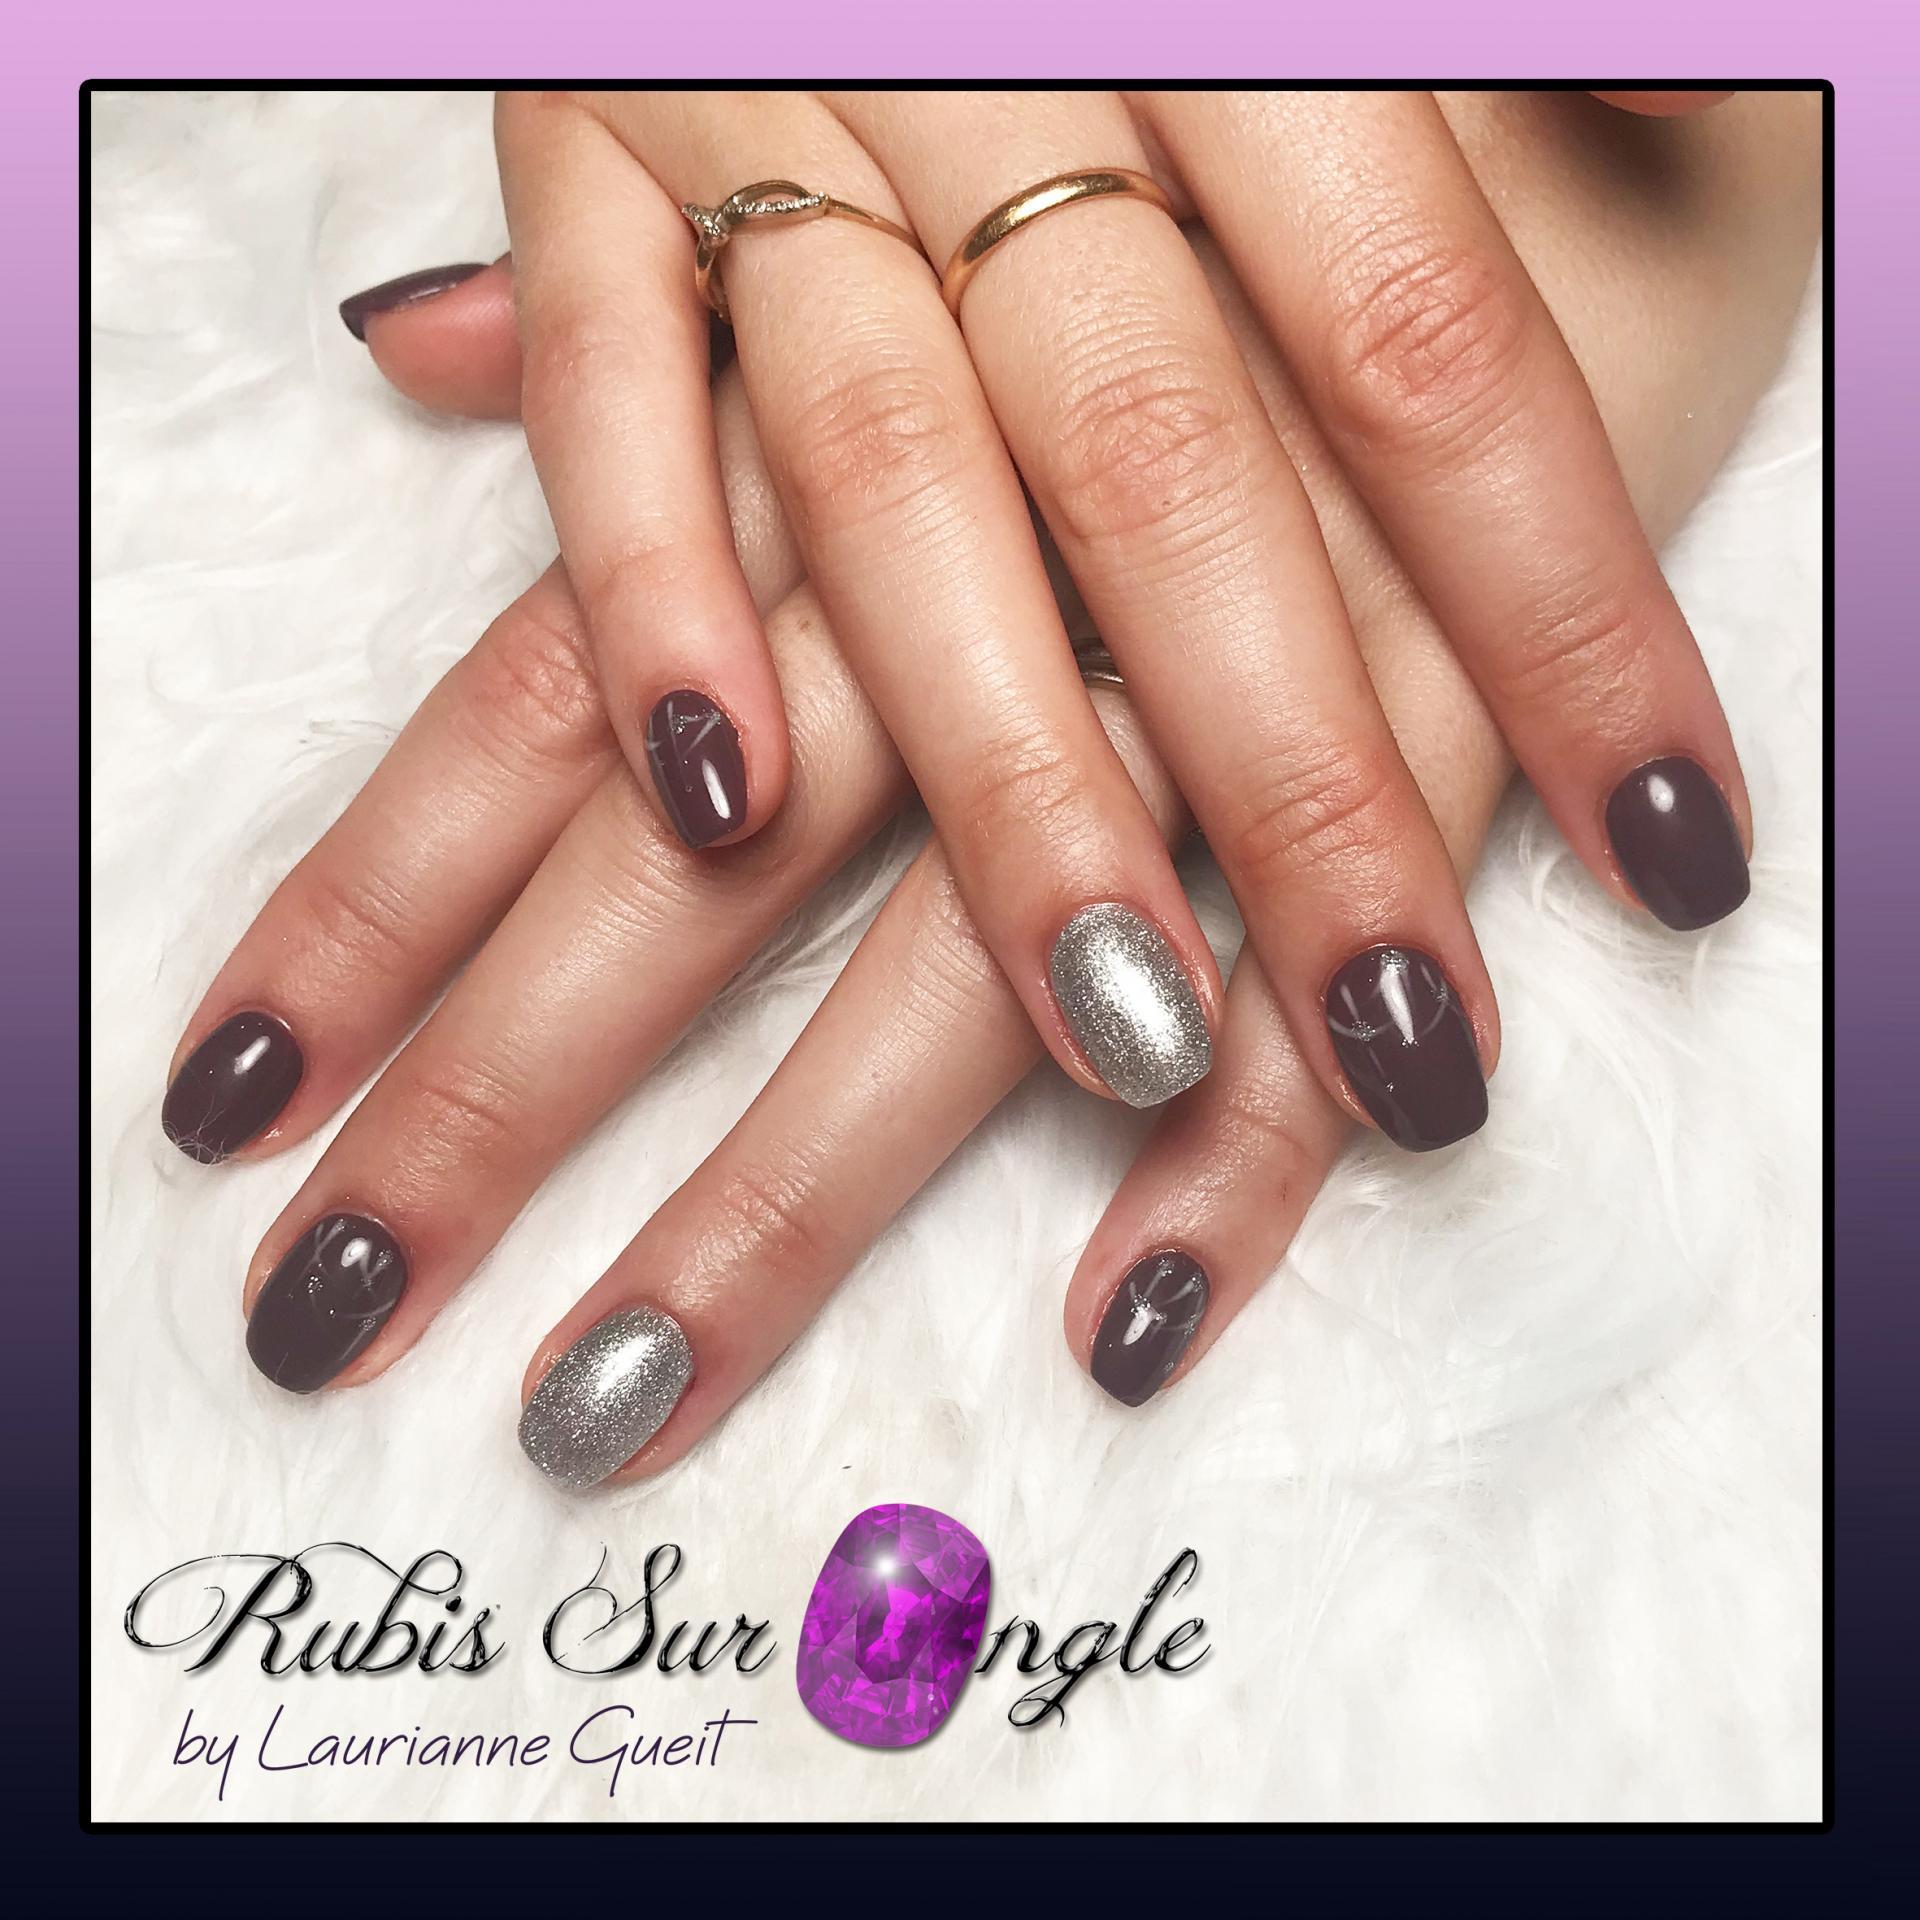 Rubis-Sur-Ongle-Nail-Art-Violet-Argent